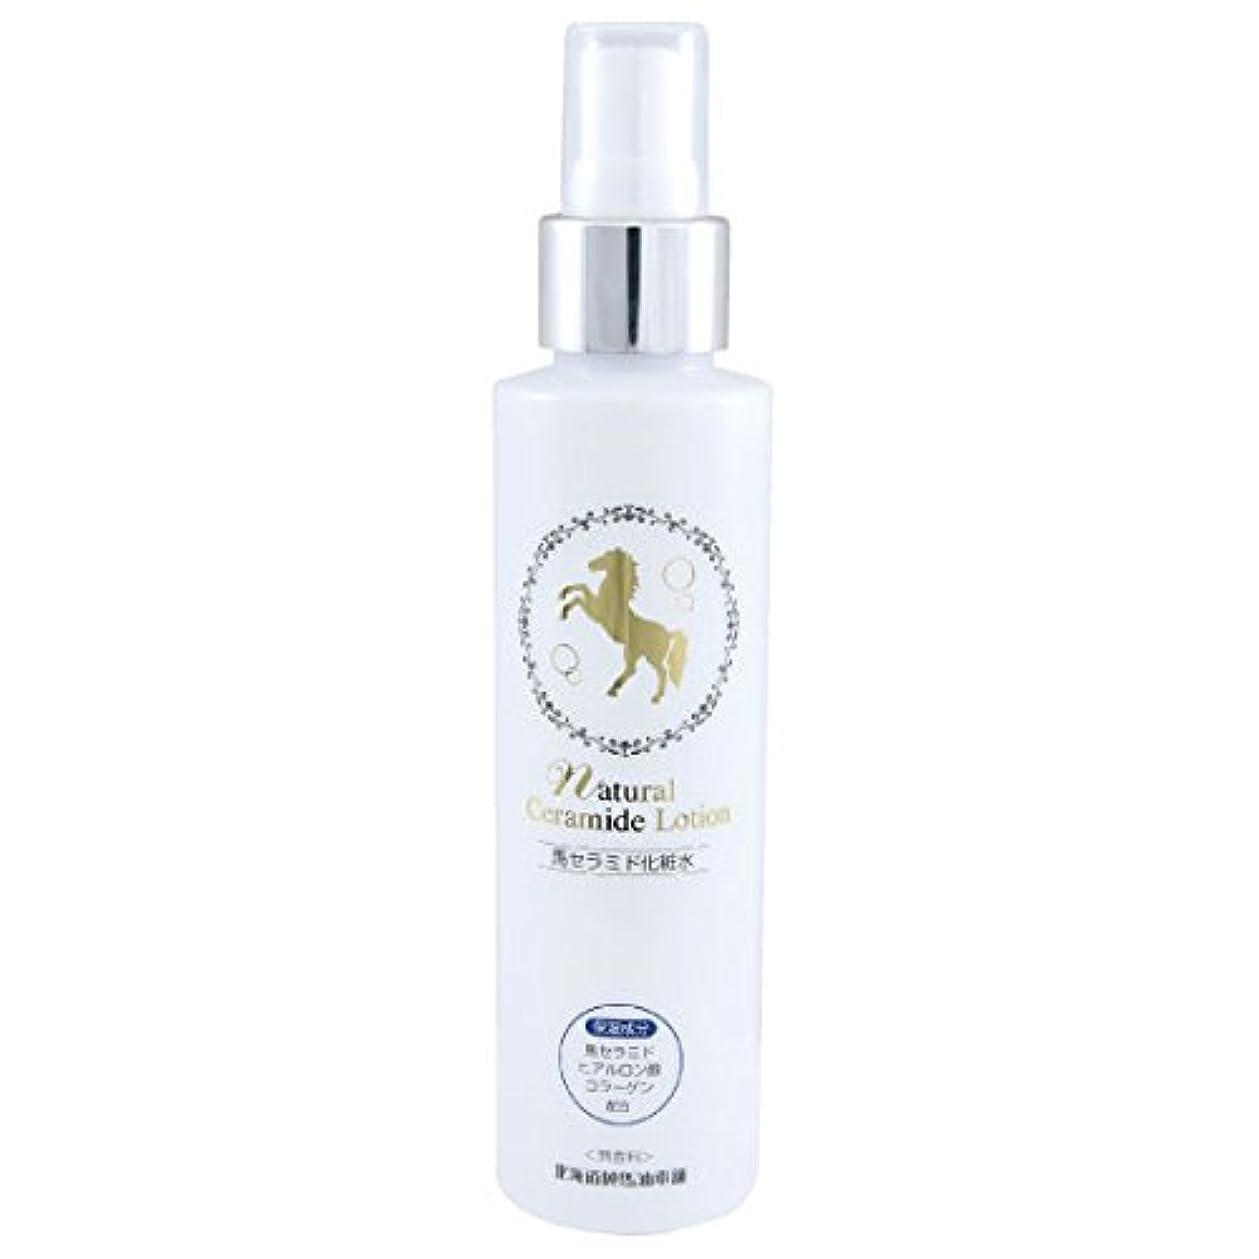 酸っぱい長さダースナチュラルセラミドローション(馬セラミド化粧水) 150mL